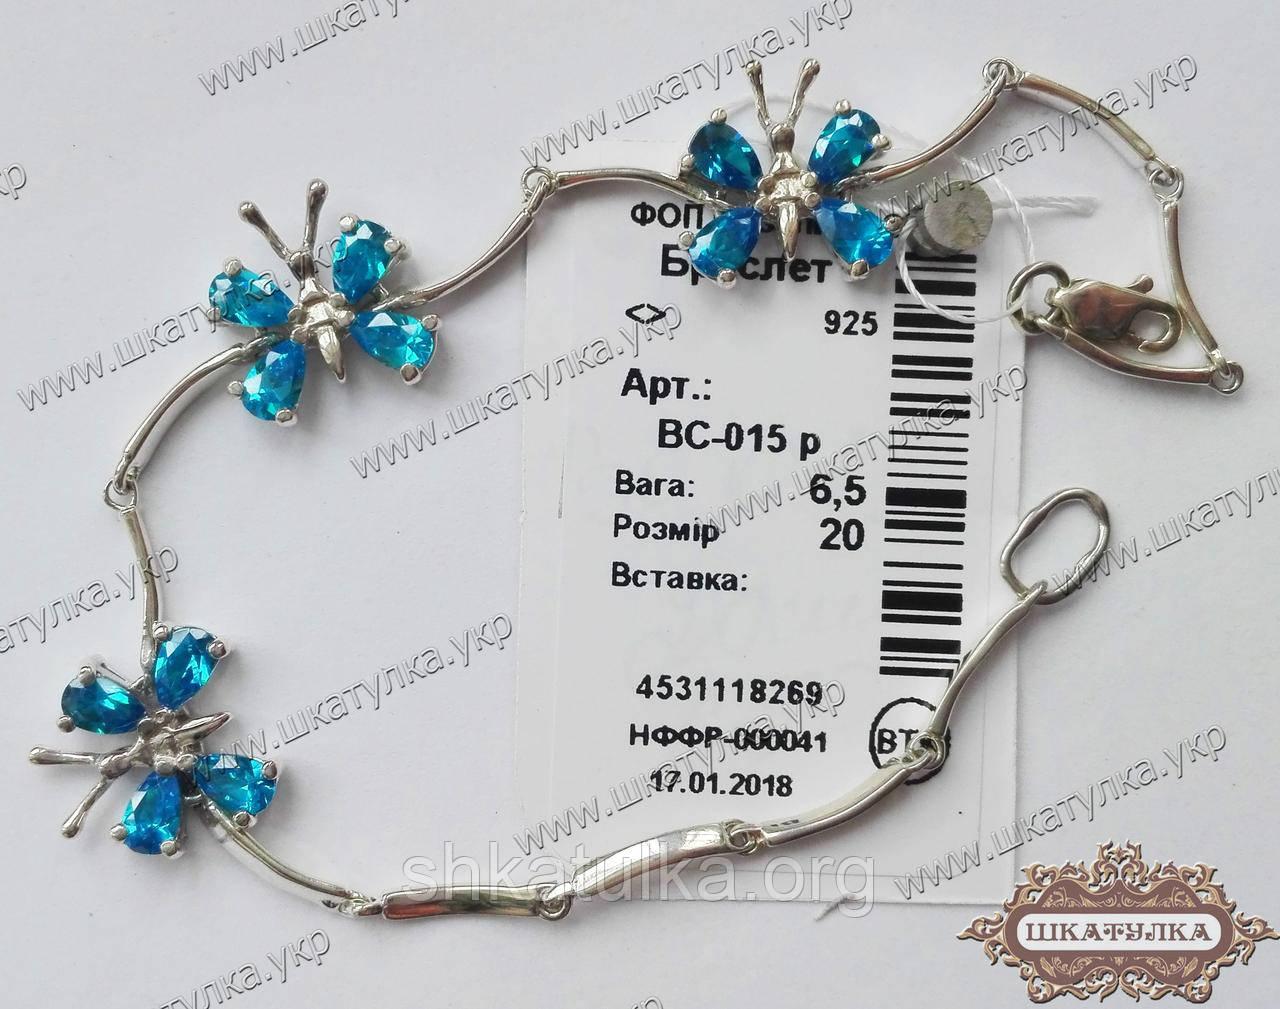 Срібний браслет з фіанітами Метелики